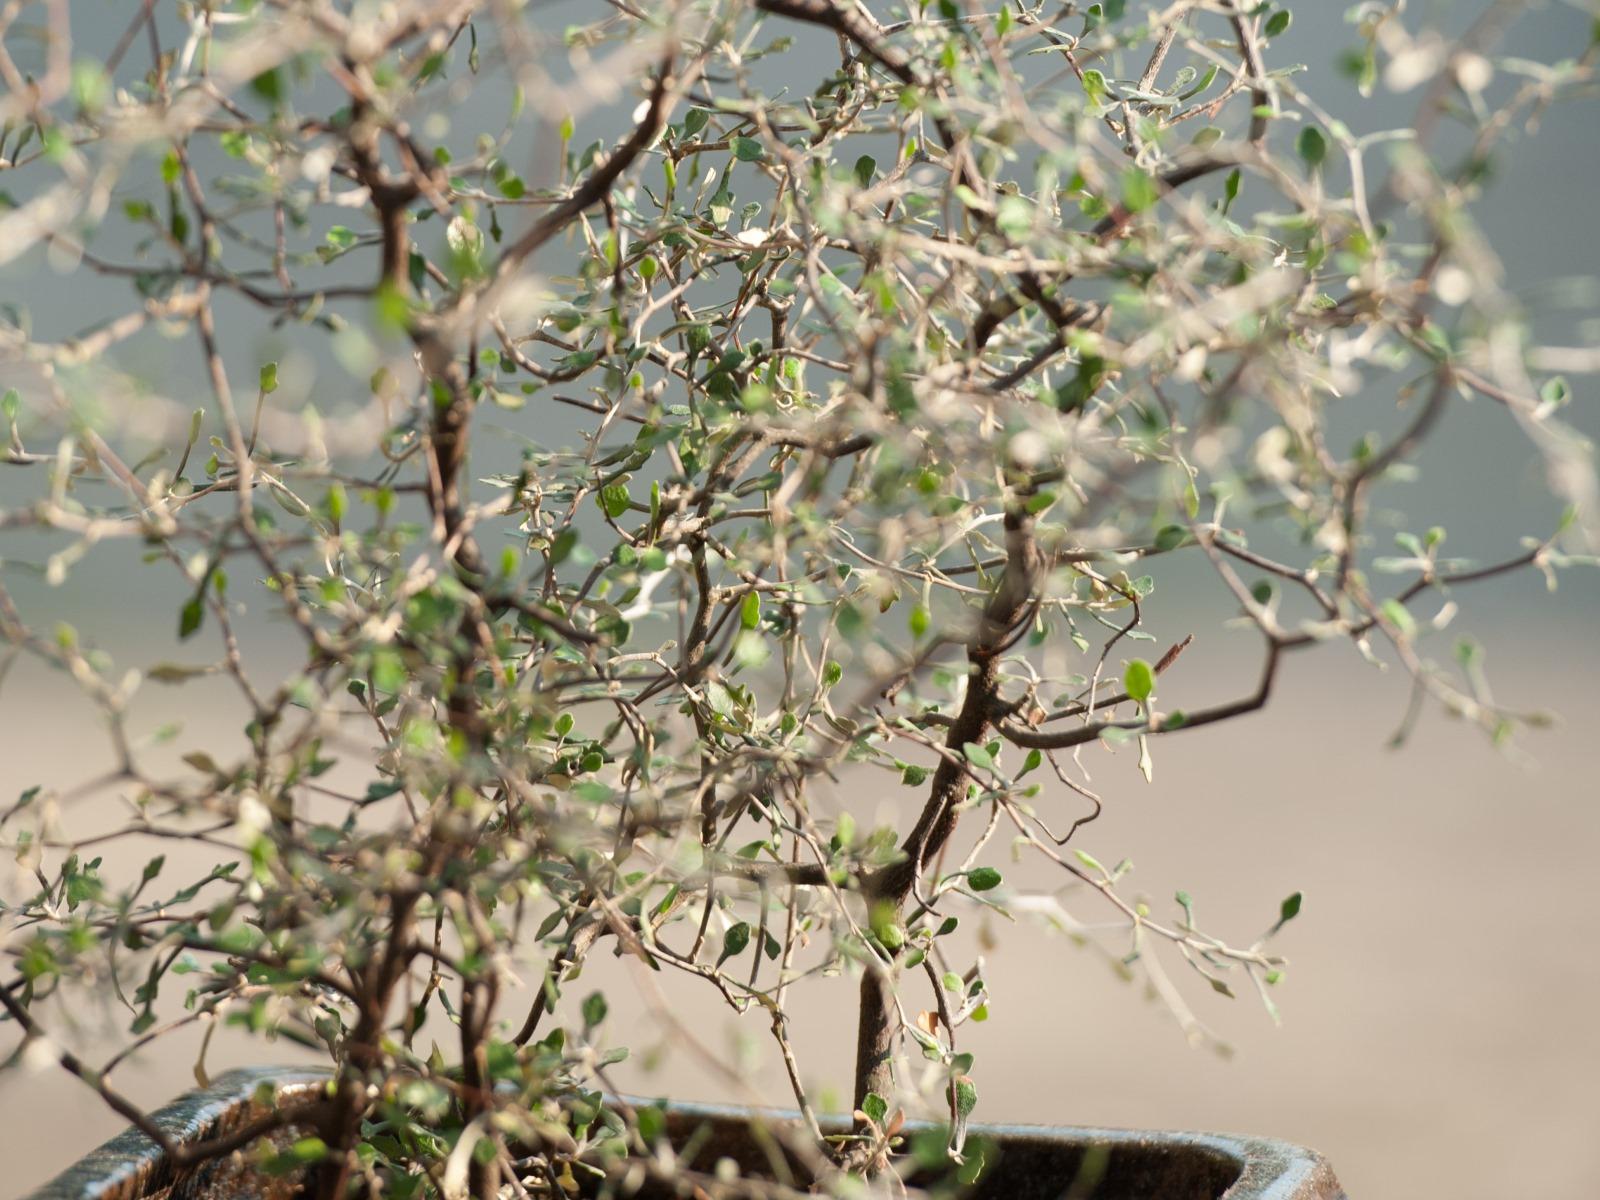 Pflanzen der gr ne onlineshop for Onlineshop pflanzen